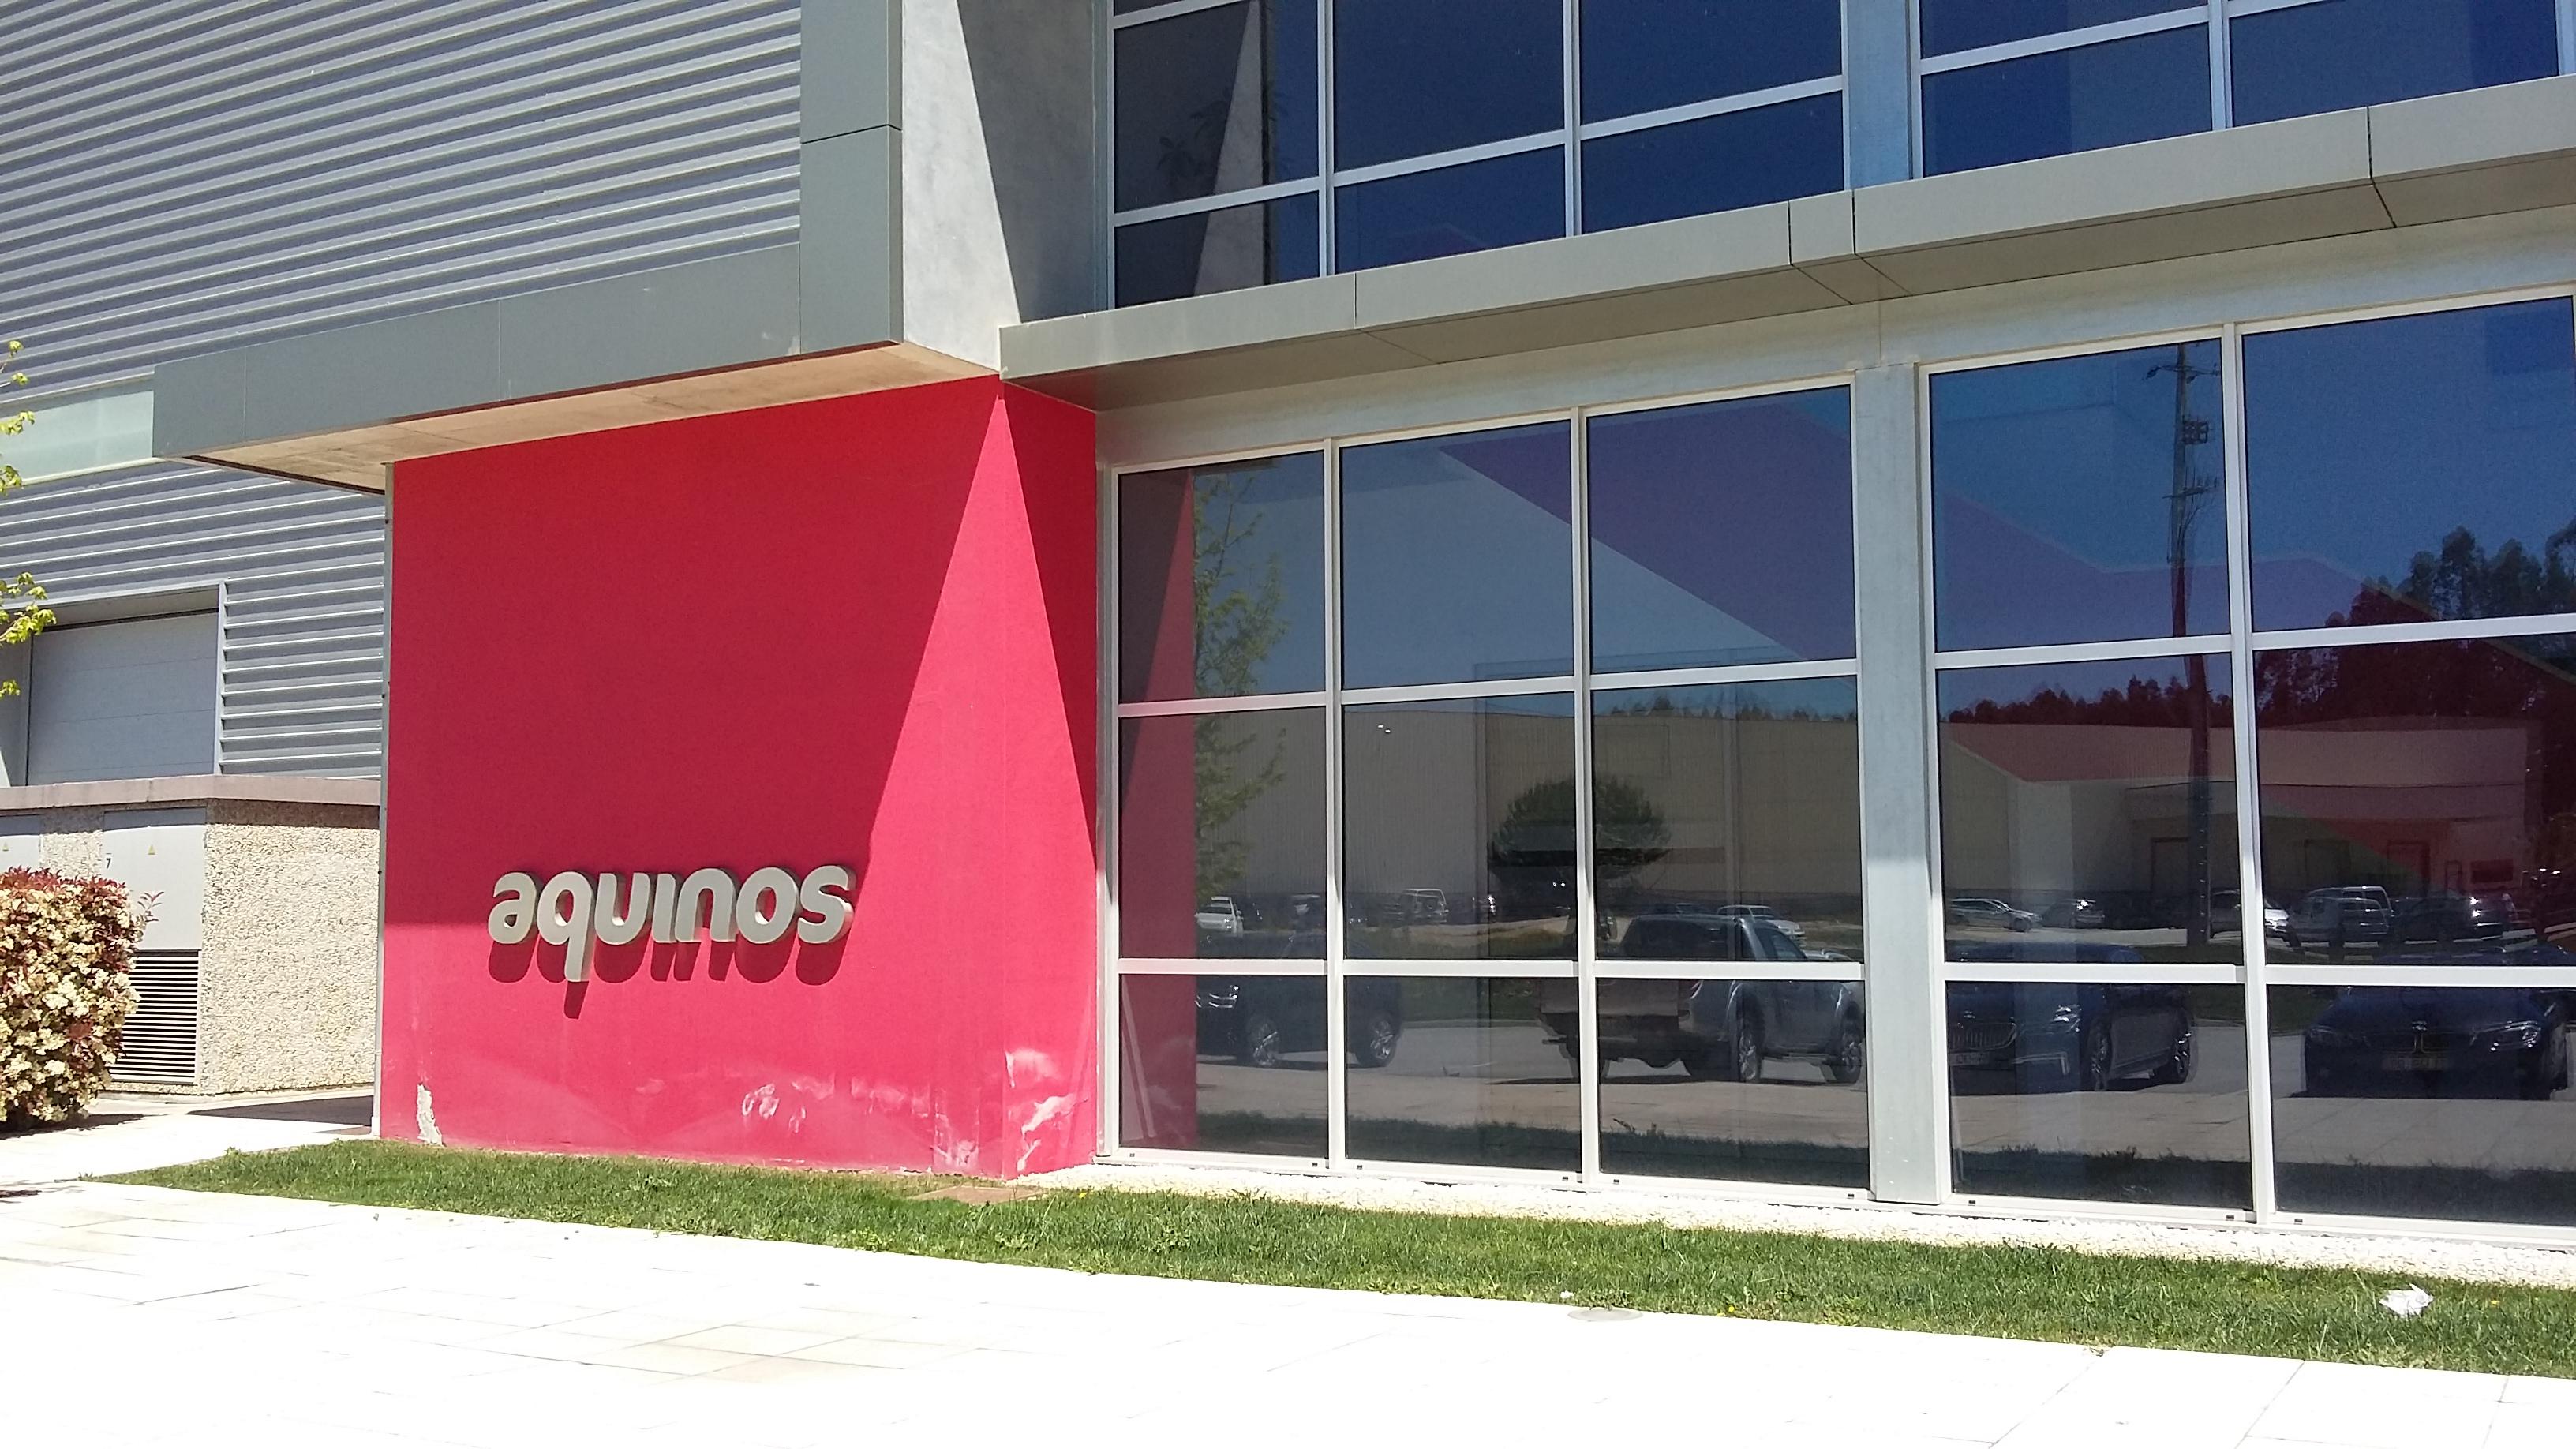 Aquinos possède 4 sites de productions situés à 130 kilomètres de Porto. Ici, l'entrée de l'unité principale, à Tábua